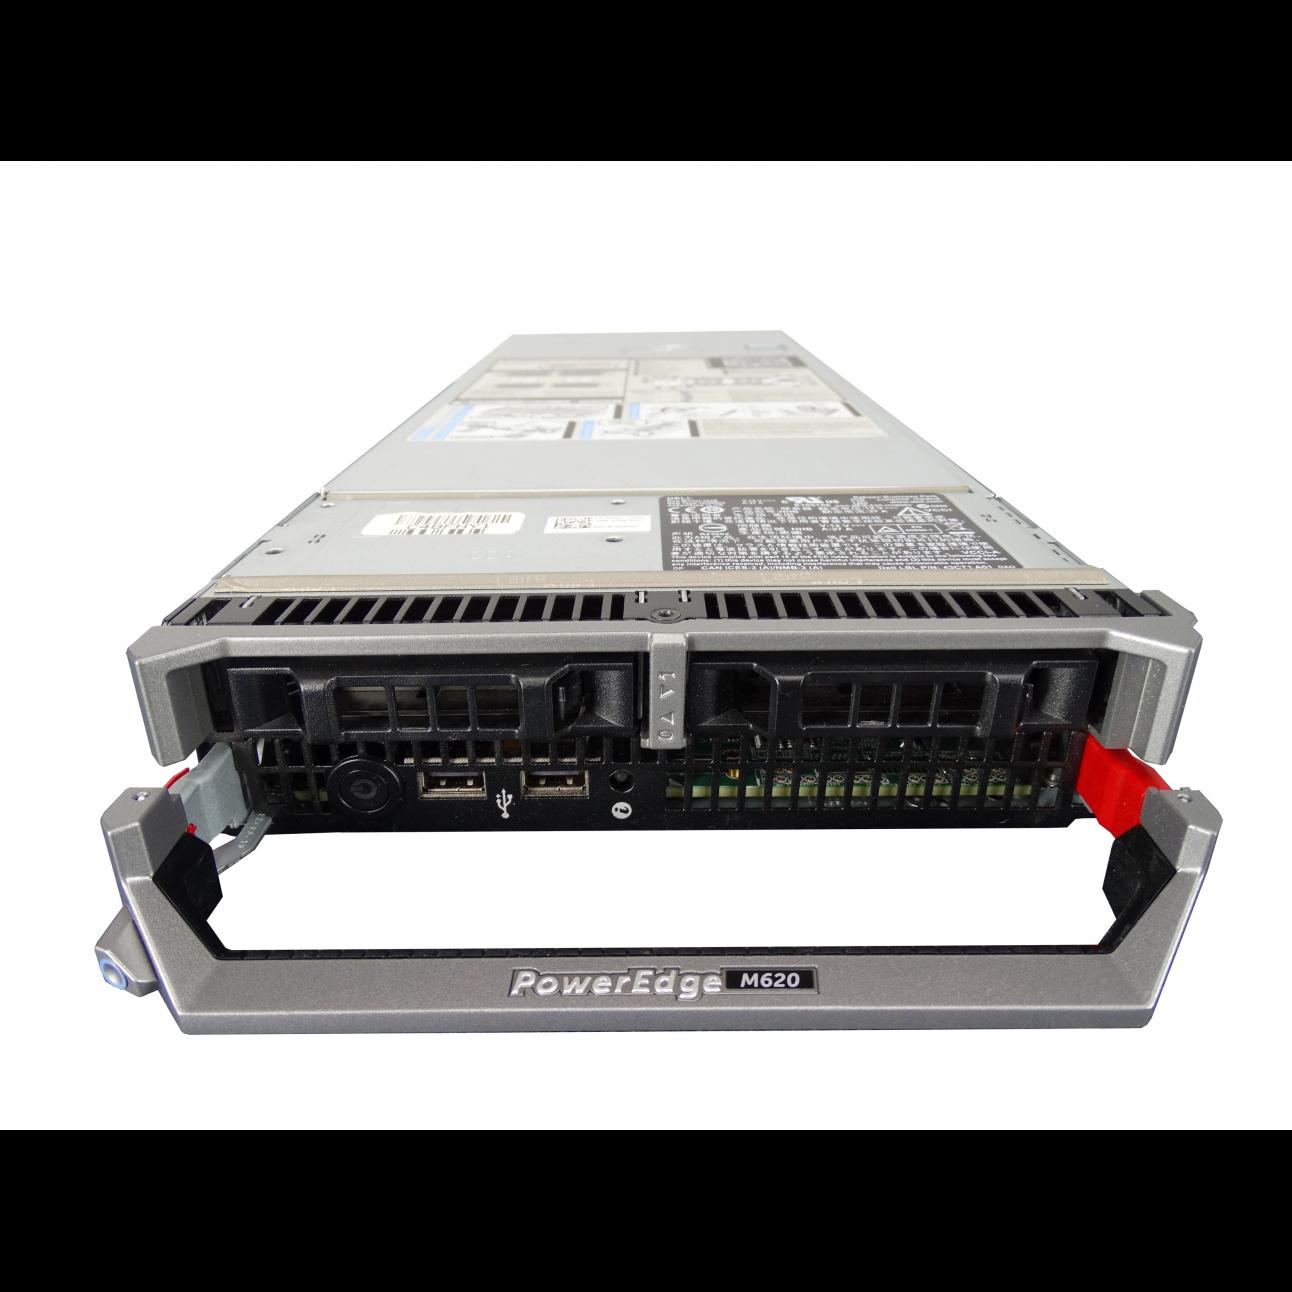 Блейд-сервер DELL PowerEdge M620, 2 процессора Intel 6C E5-2667 2.90GHz, 64GB DRAM, PERC H710, 2x10Gb 57810-k